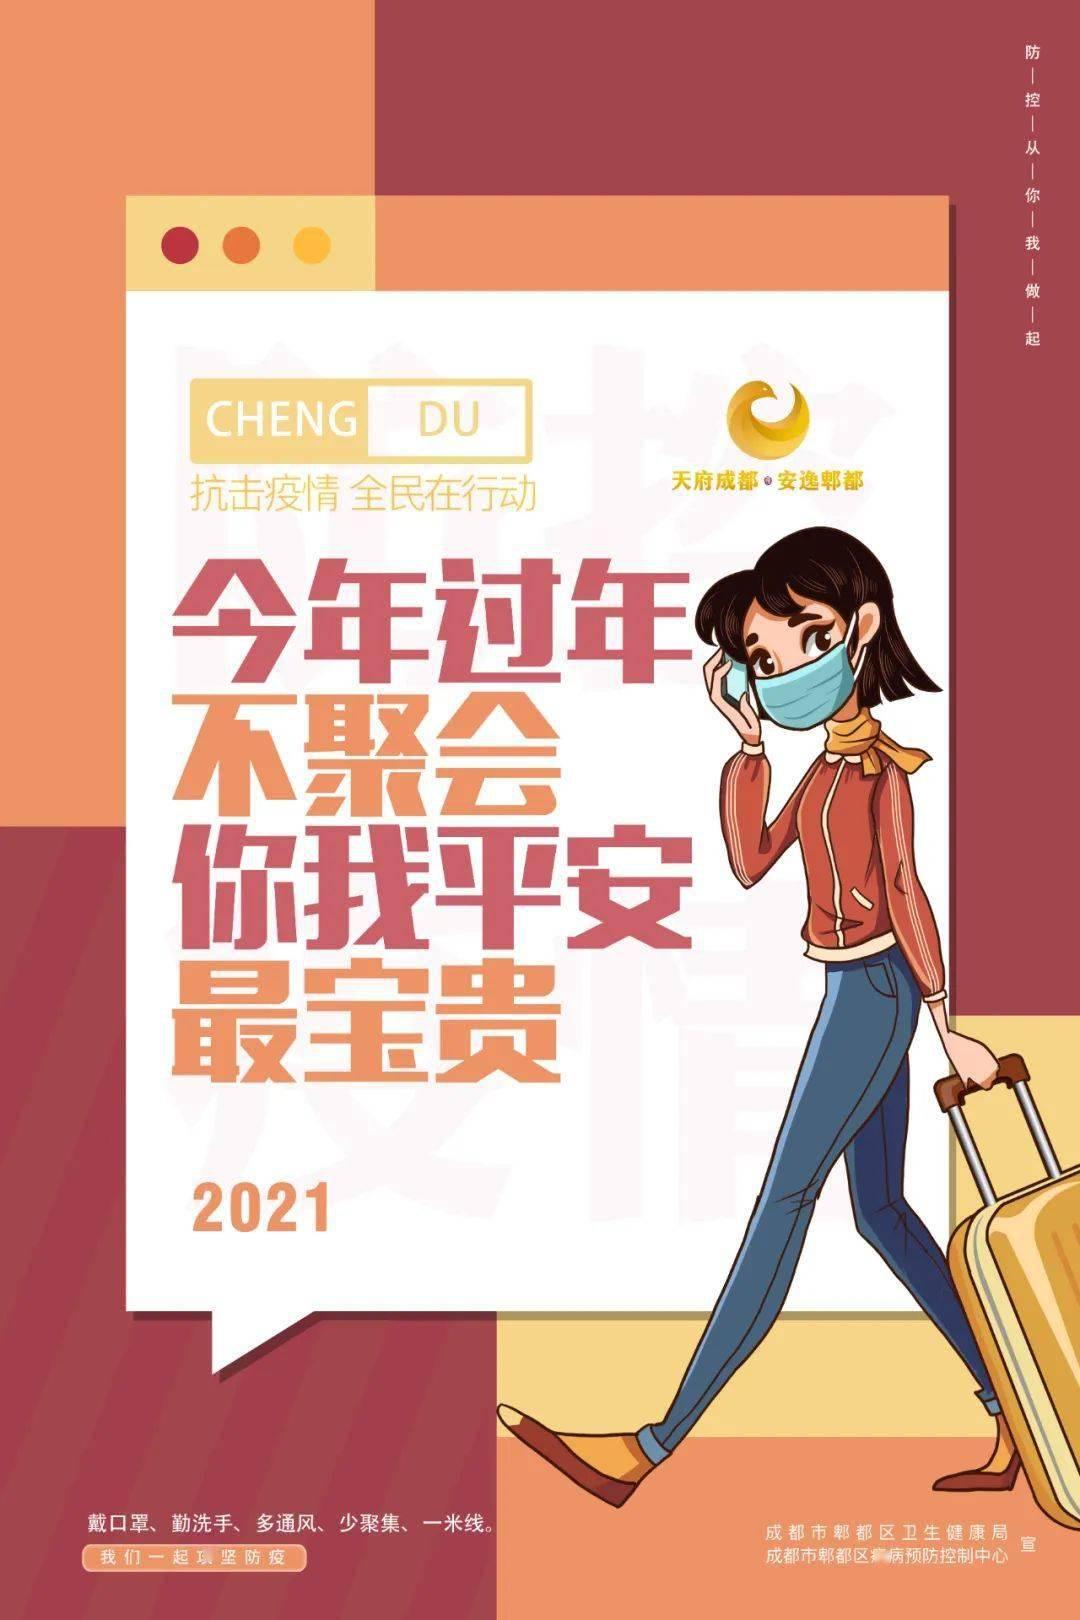 @郫都人,今年春节,严控聚集性活动,实行三个不举办!